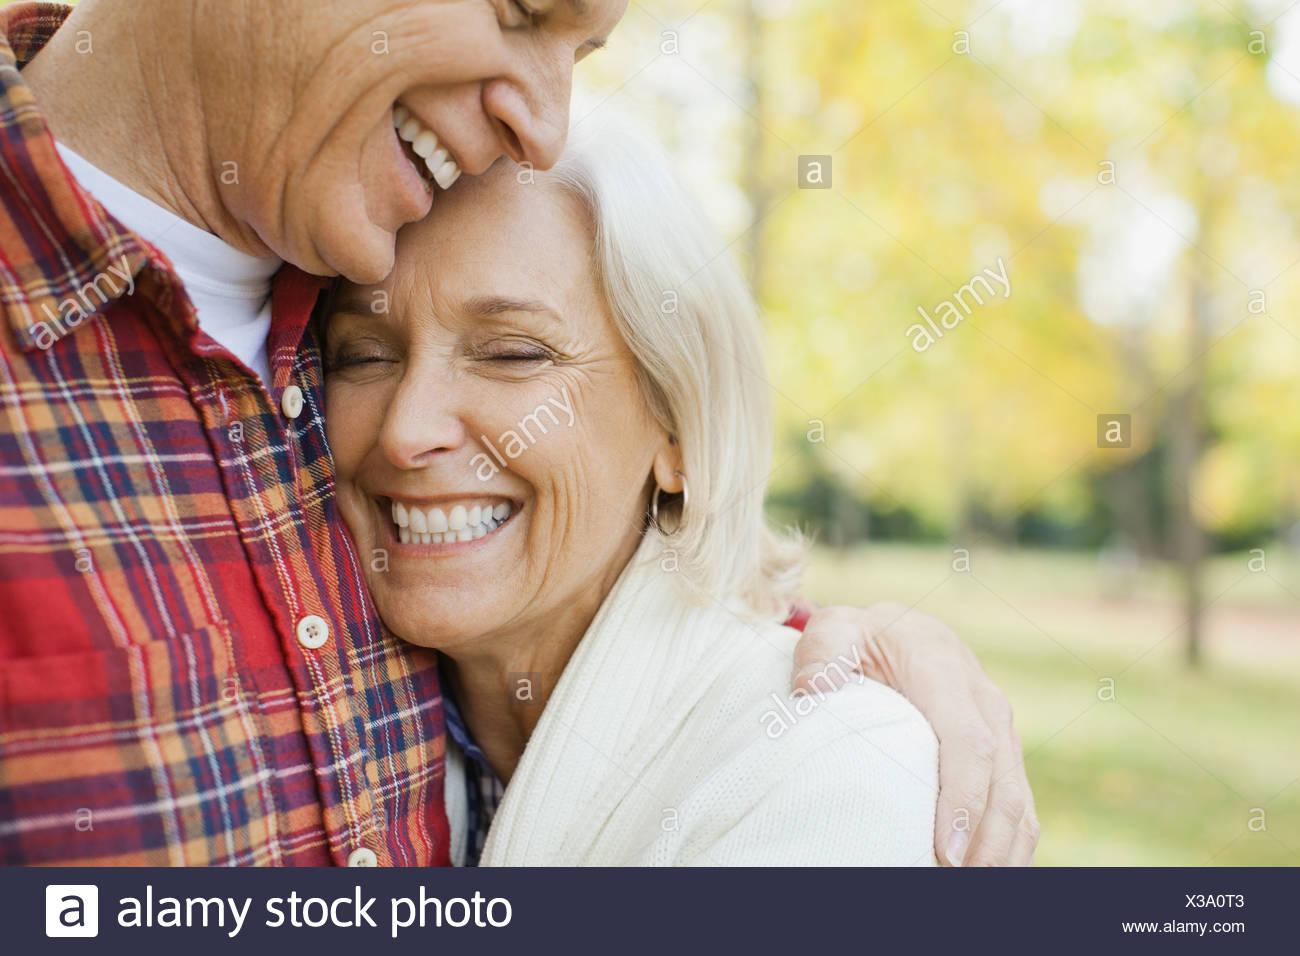 Amare uomo maturo abbracciando la donna in posizione di parcheggio Immagini Stock